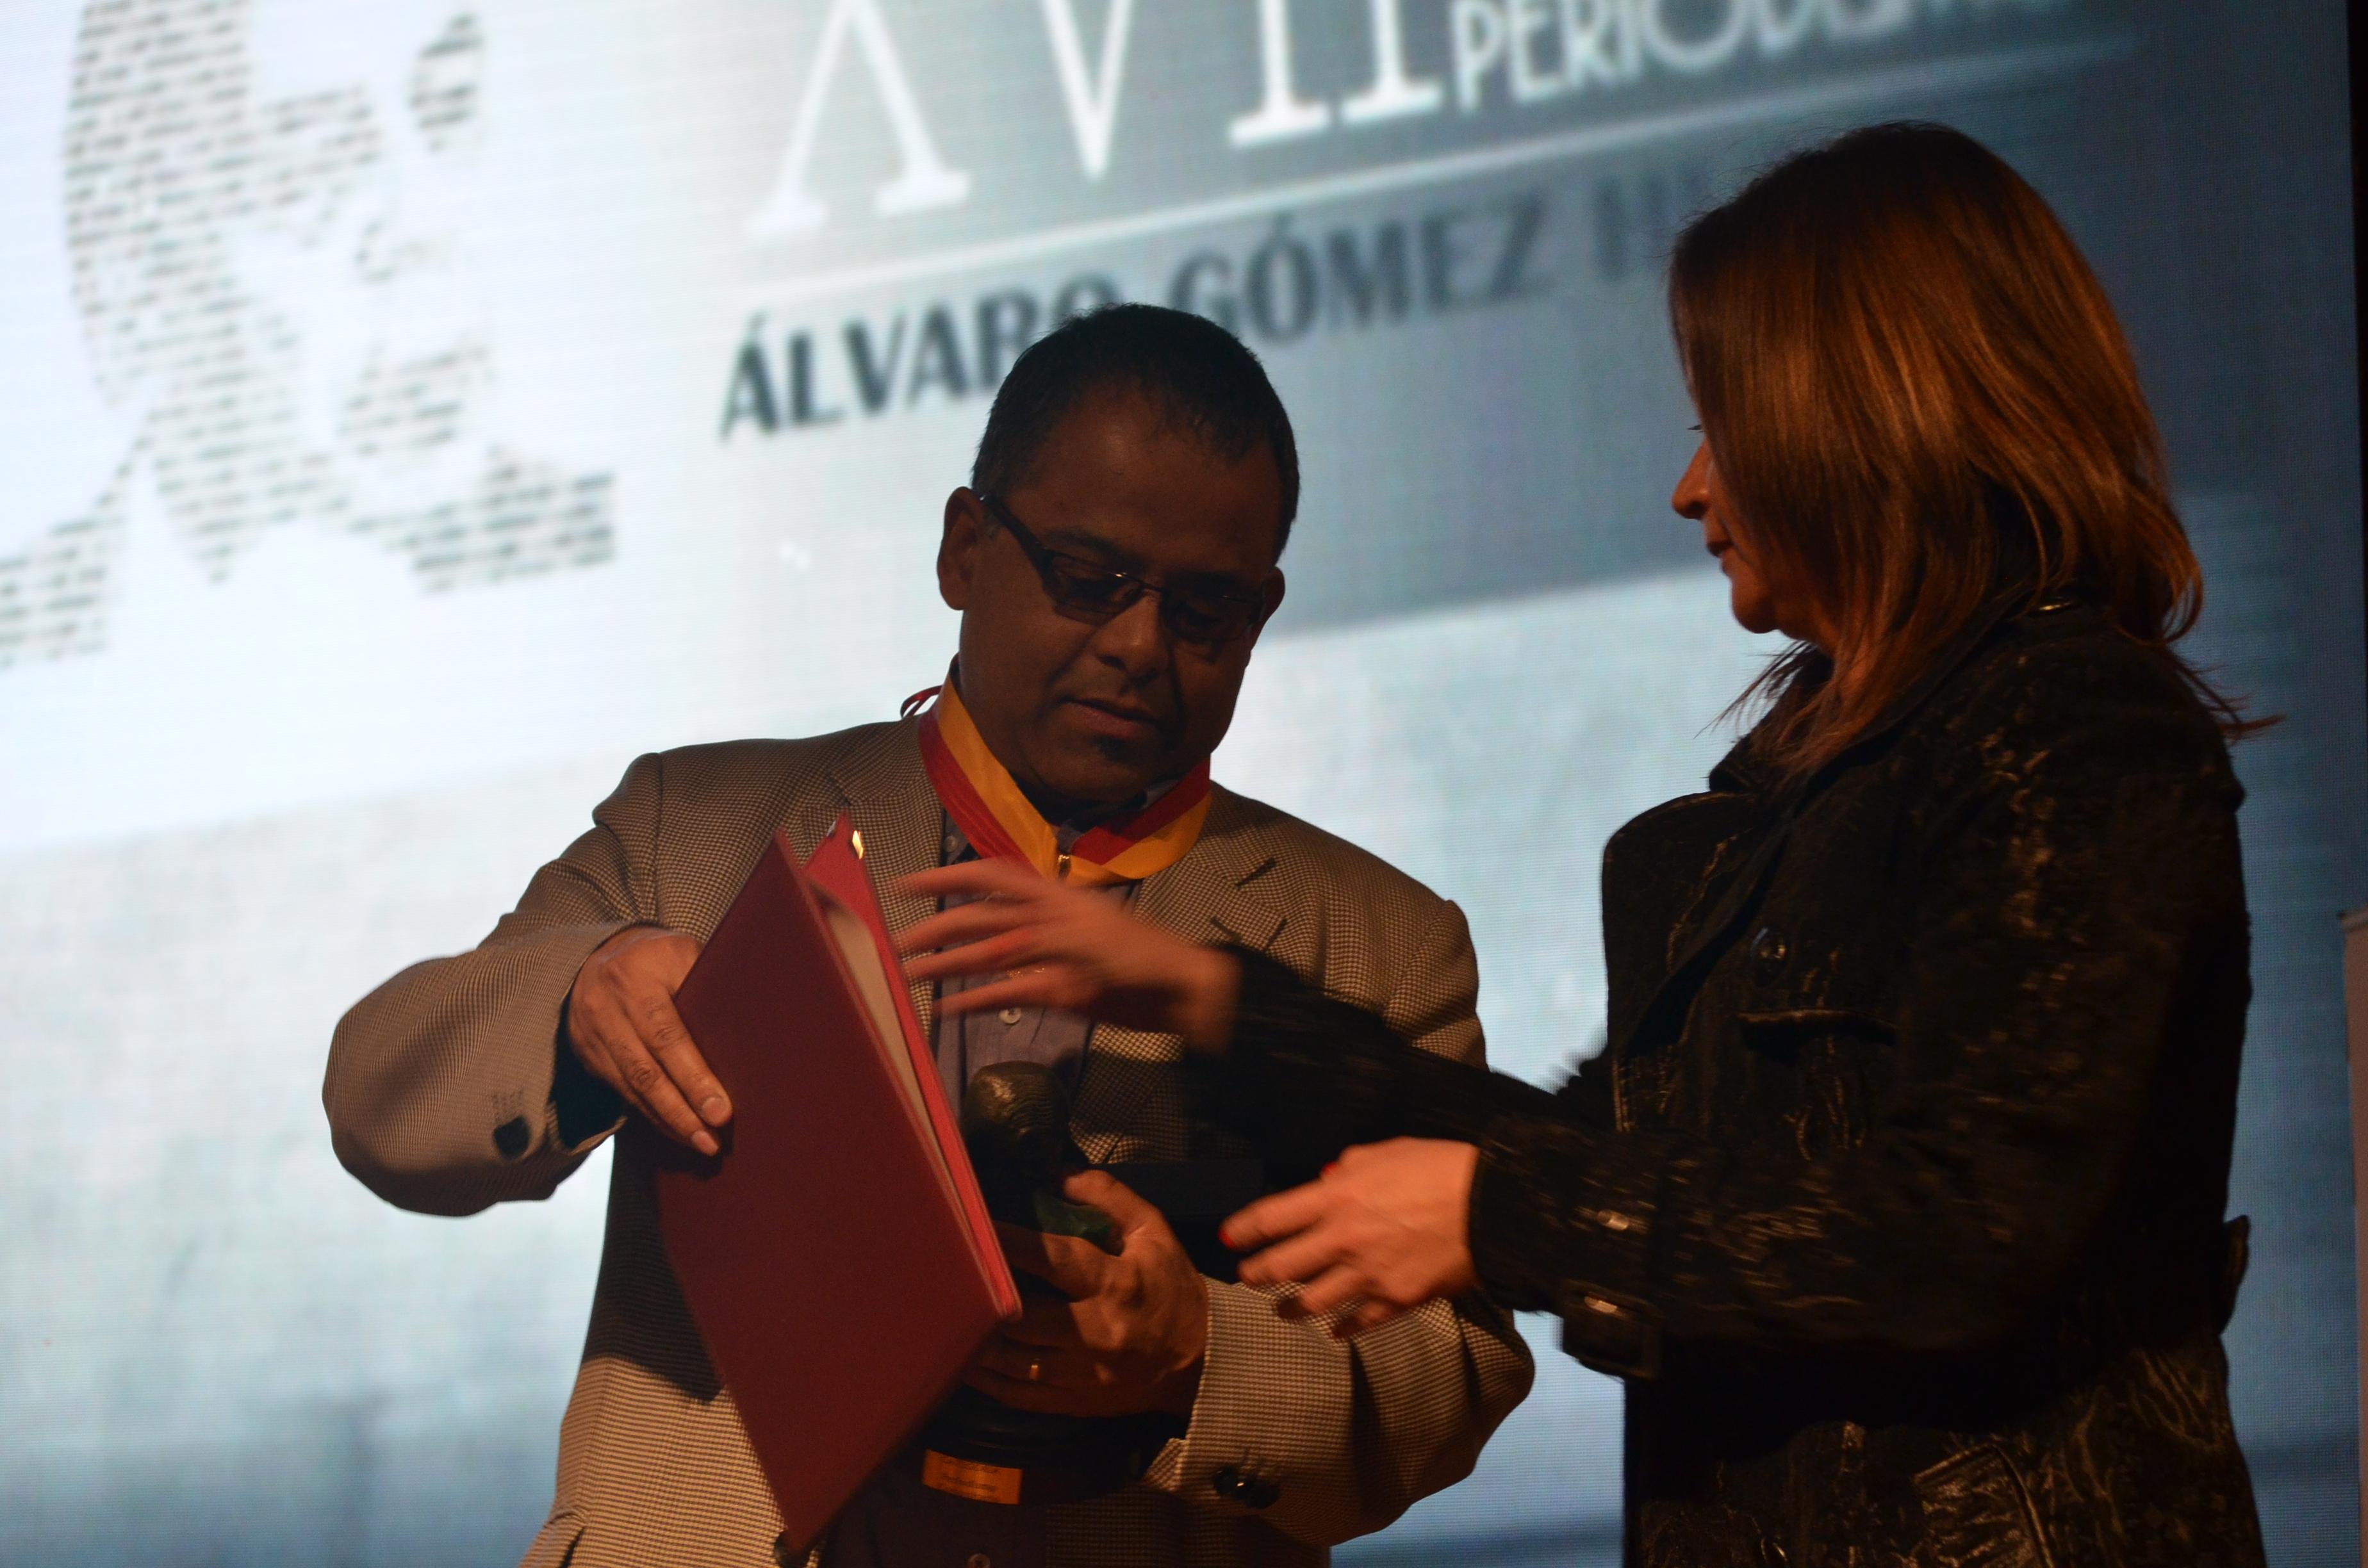 premio Álvaro Gómez Hurtado